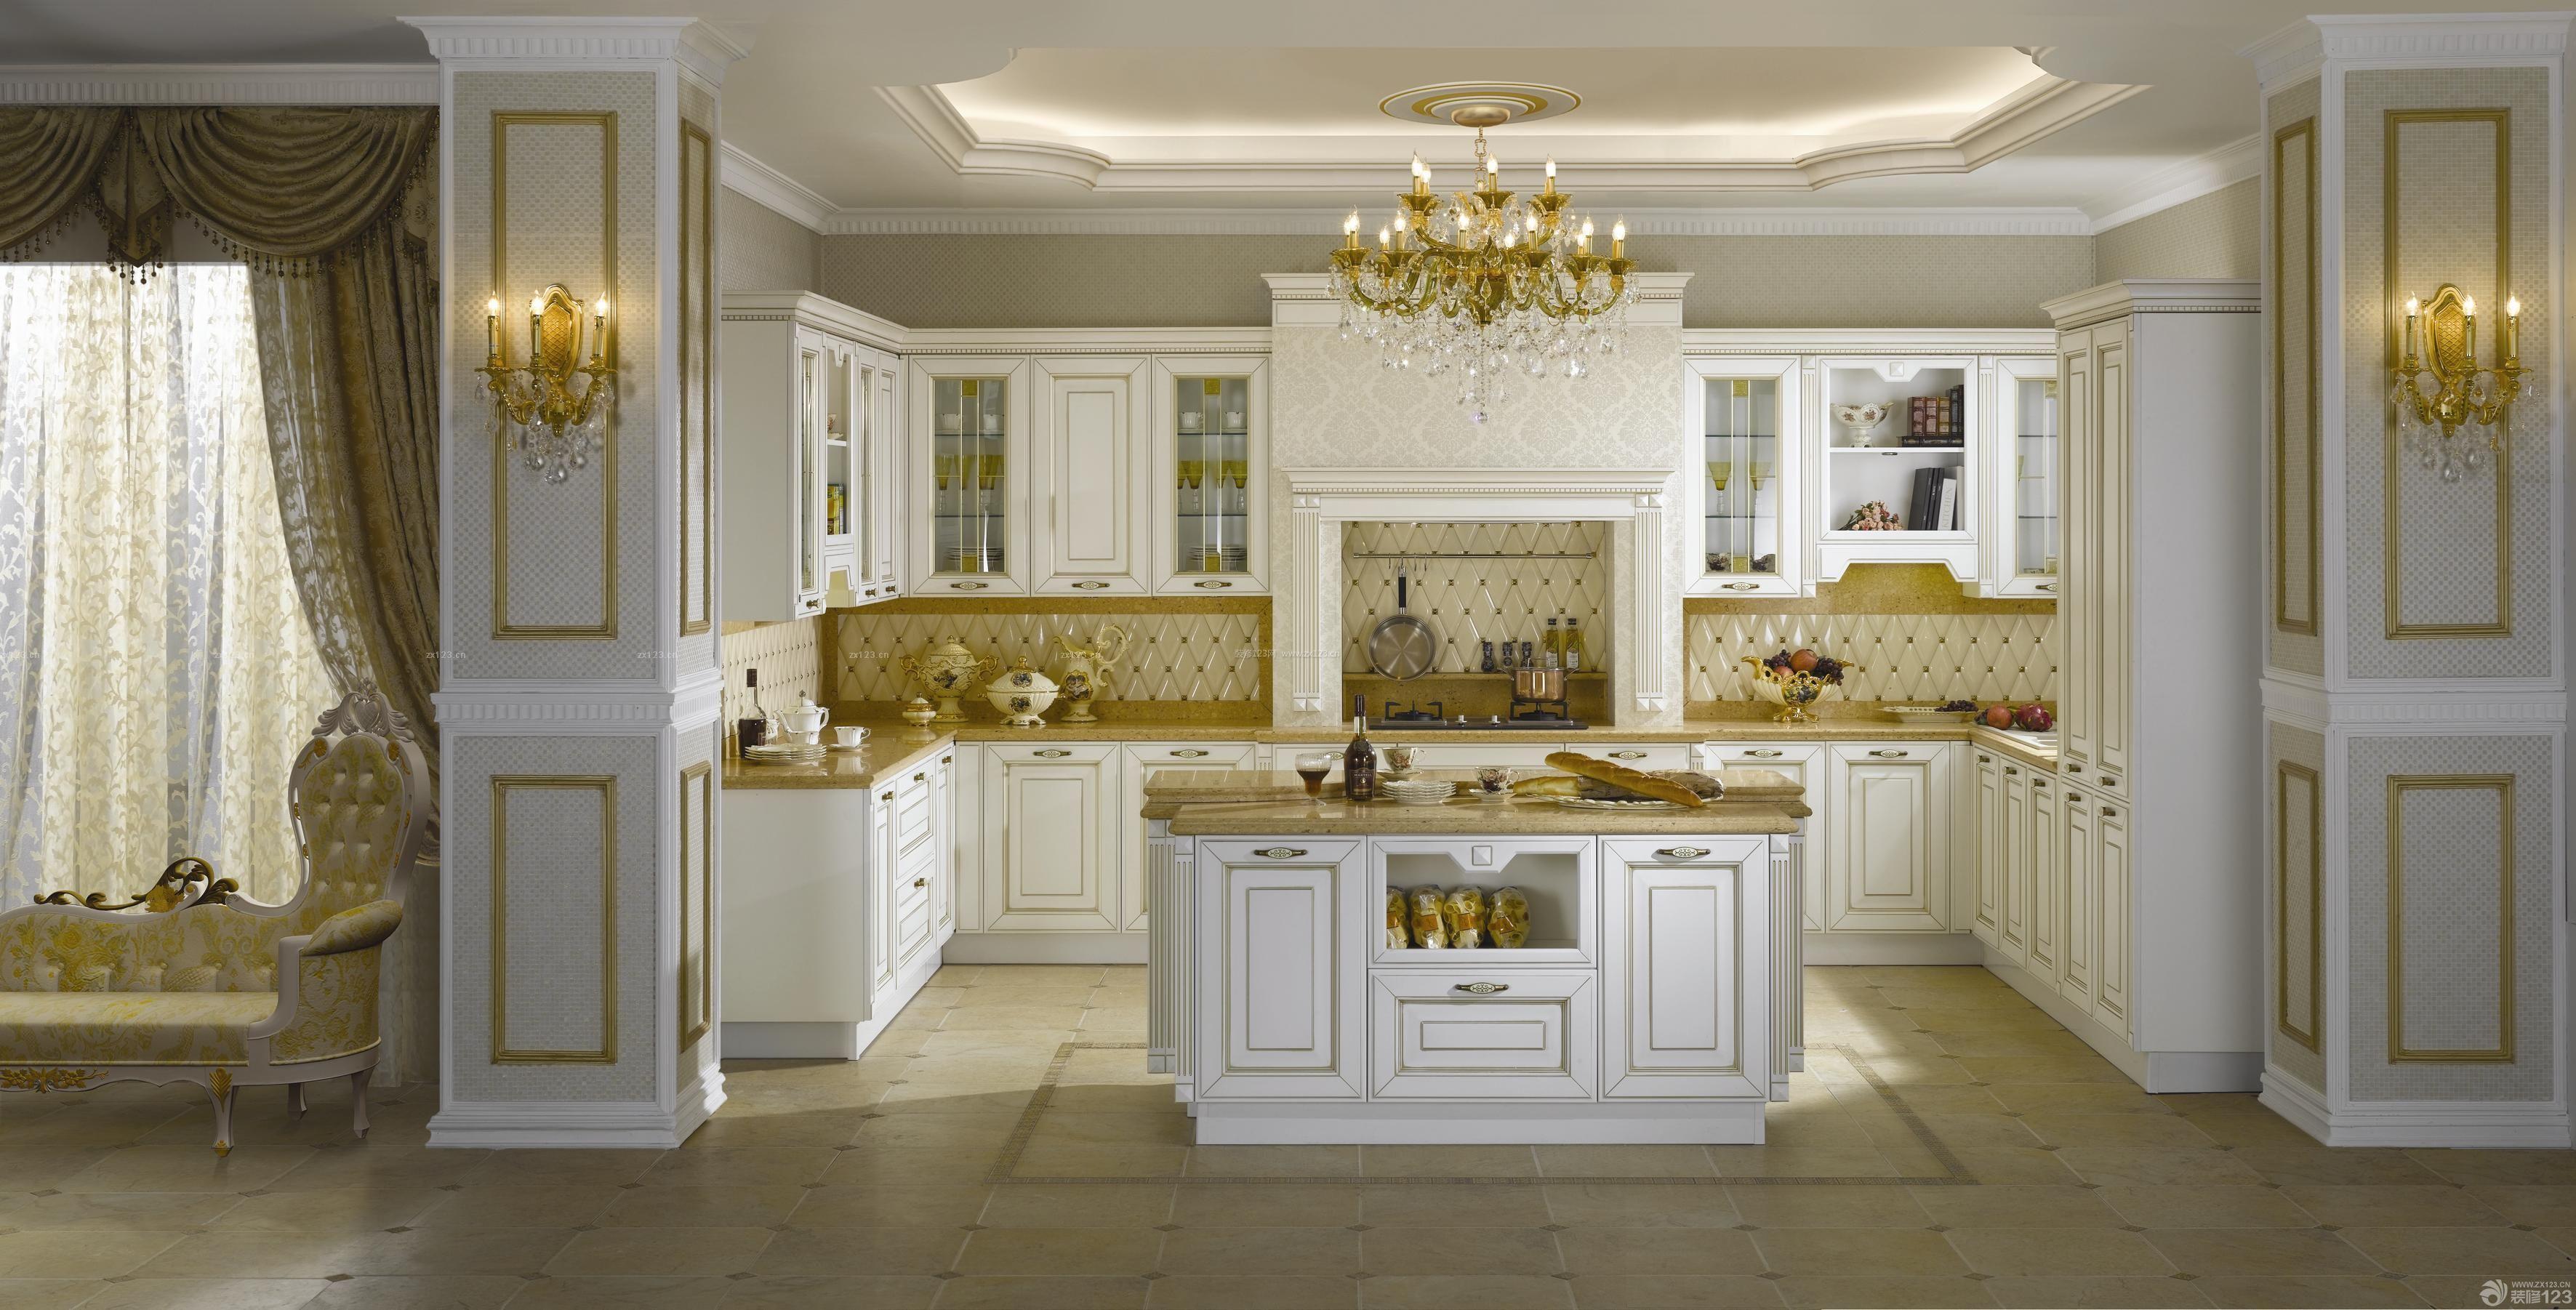 美式风格房子厨房金牌橱柜装修效果图